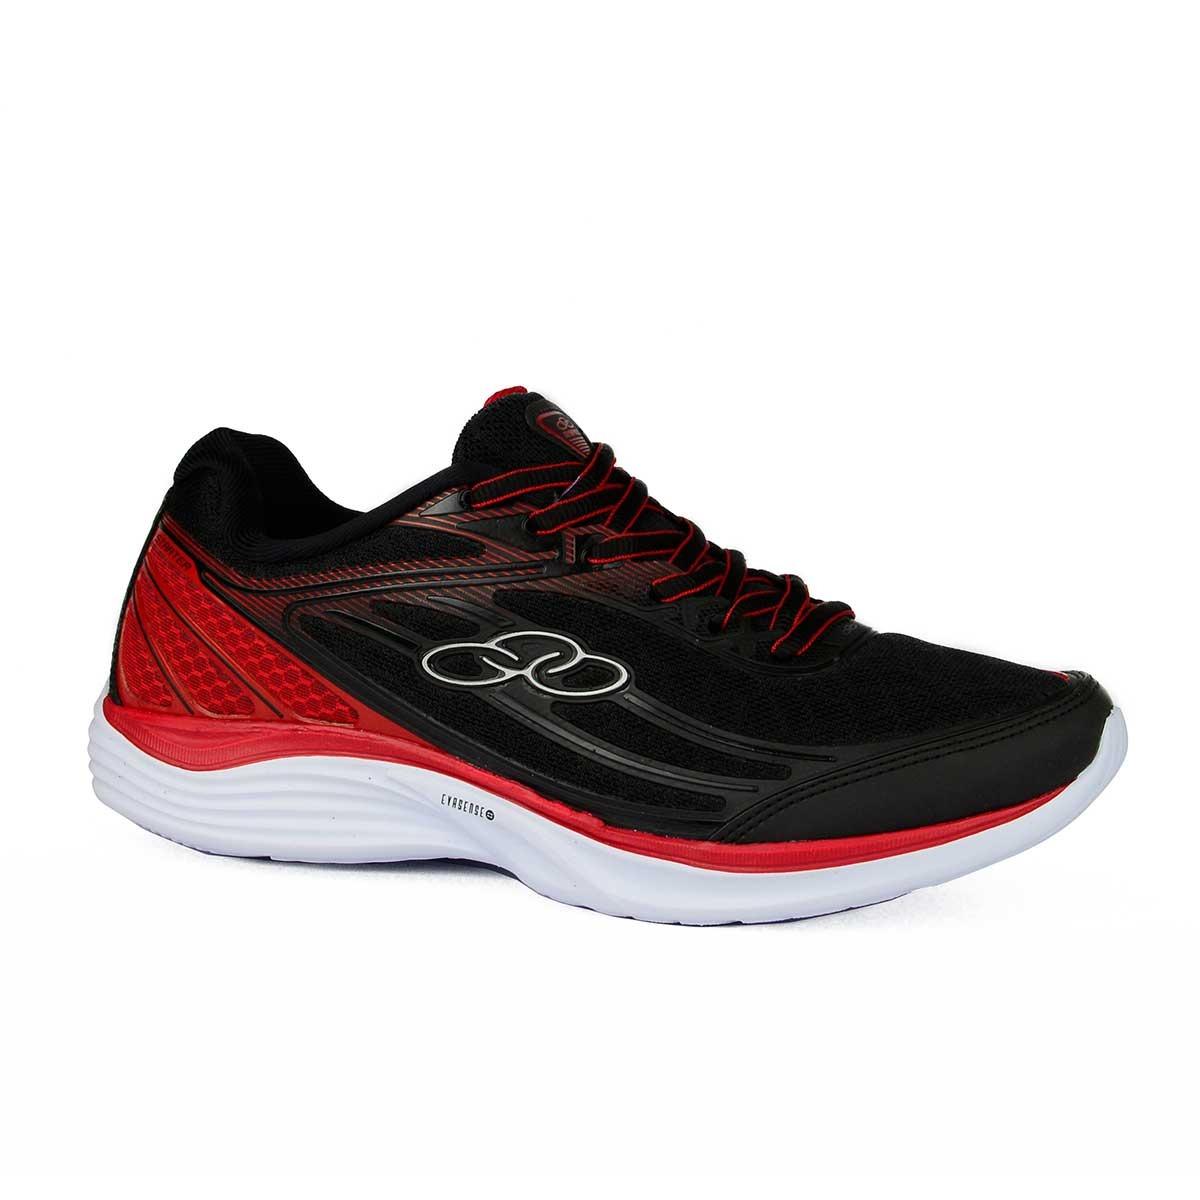 0d0fc0148b8 tênis olympikus starter preto vermelho. Carregando zoom.